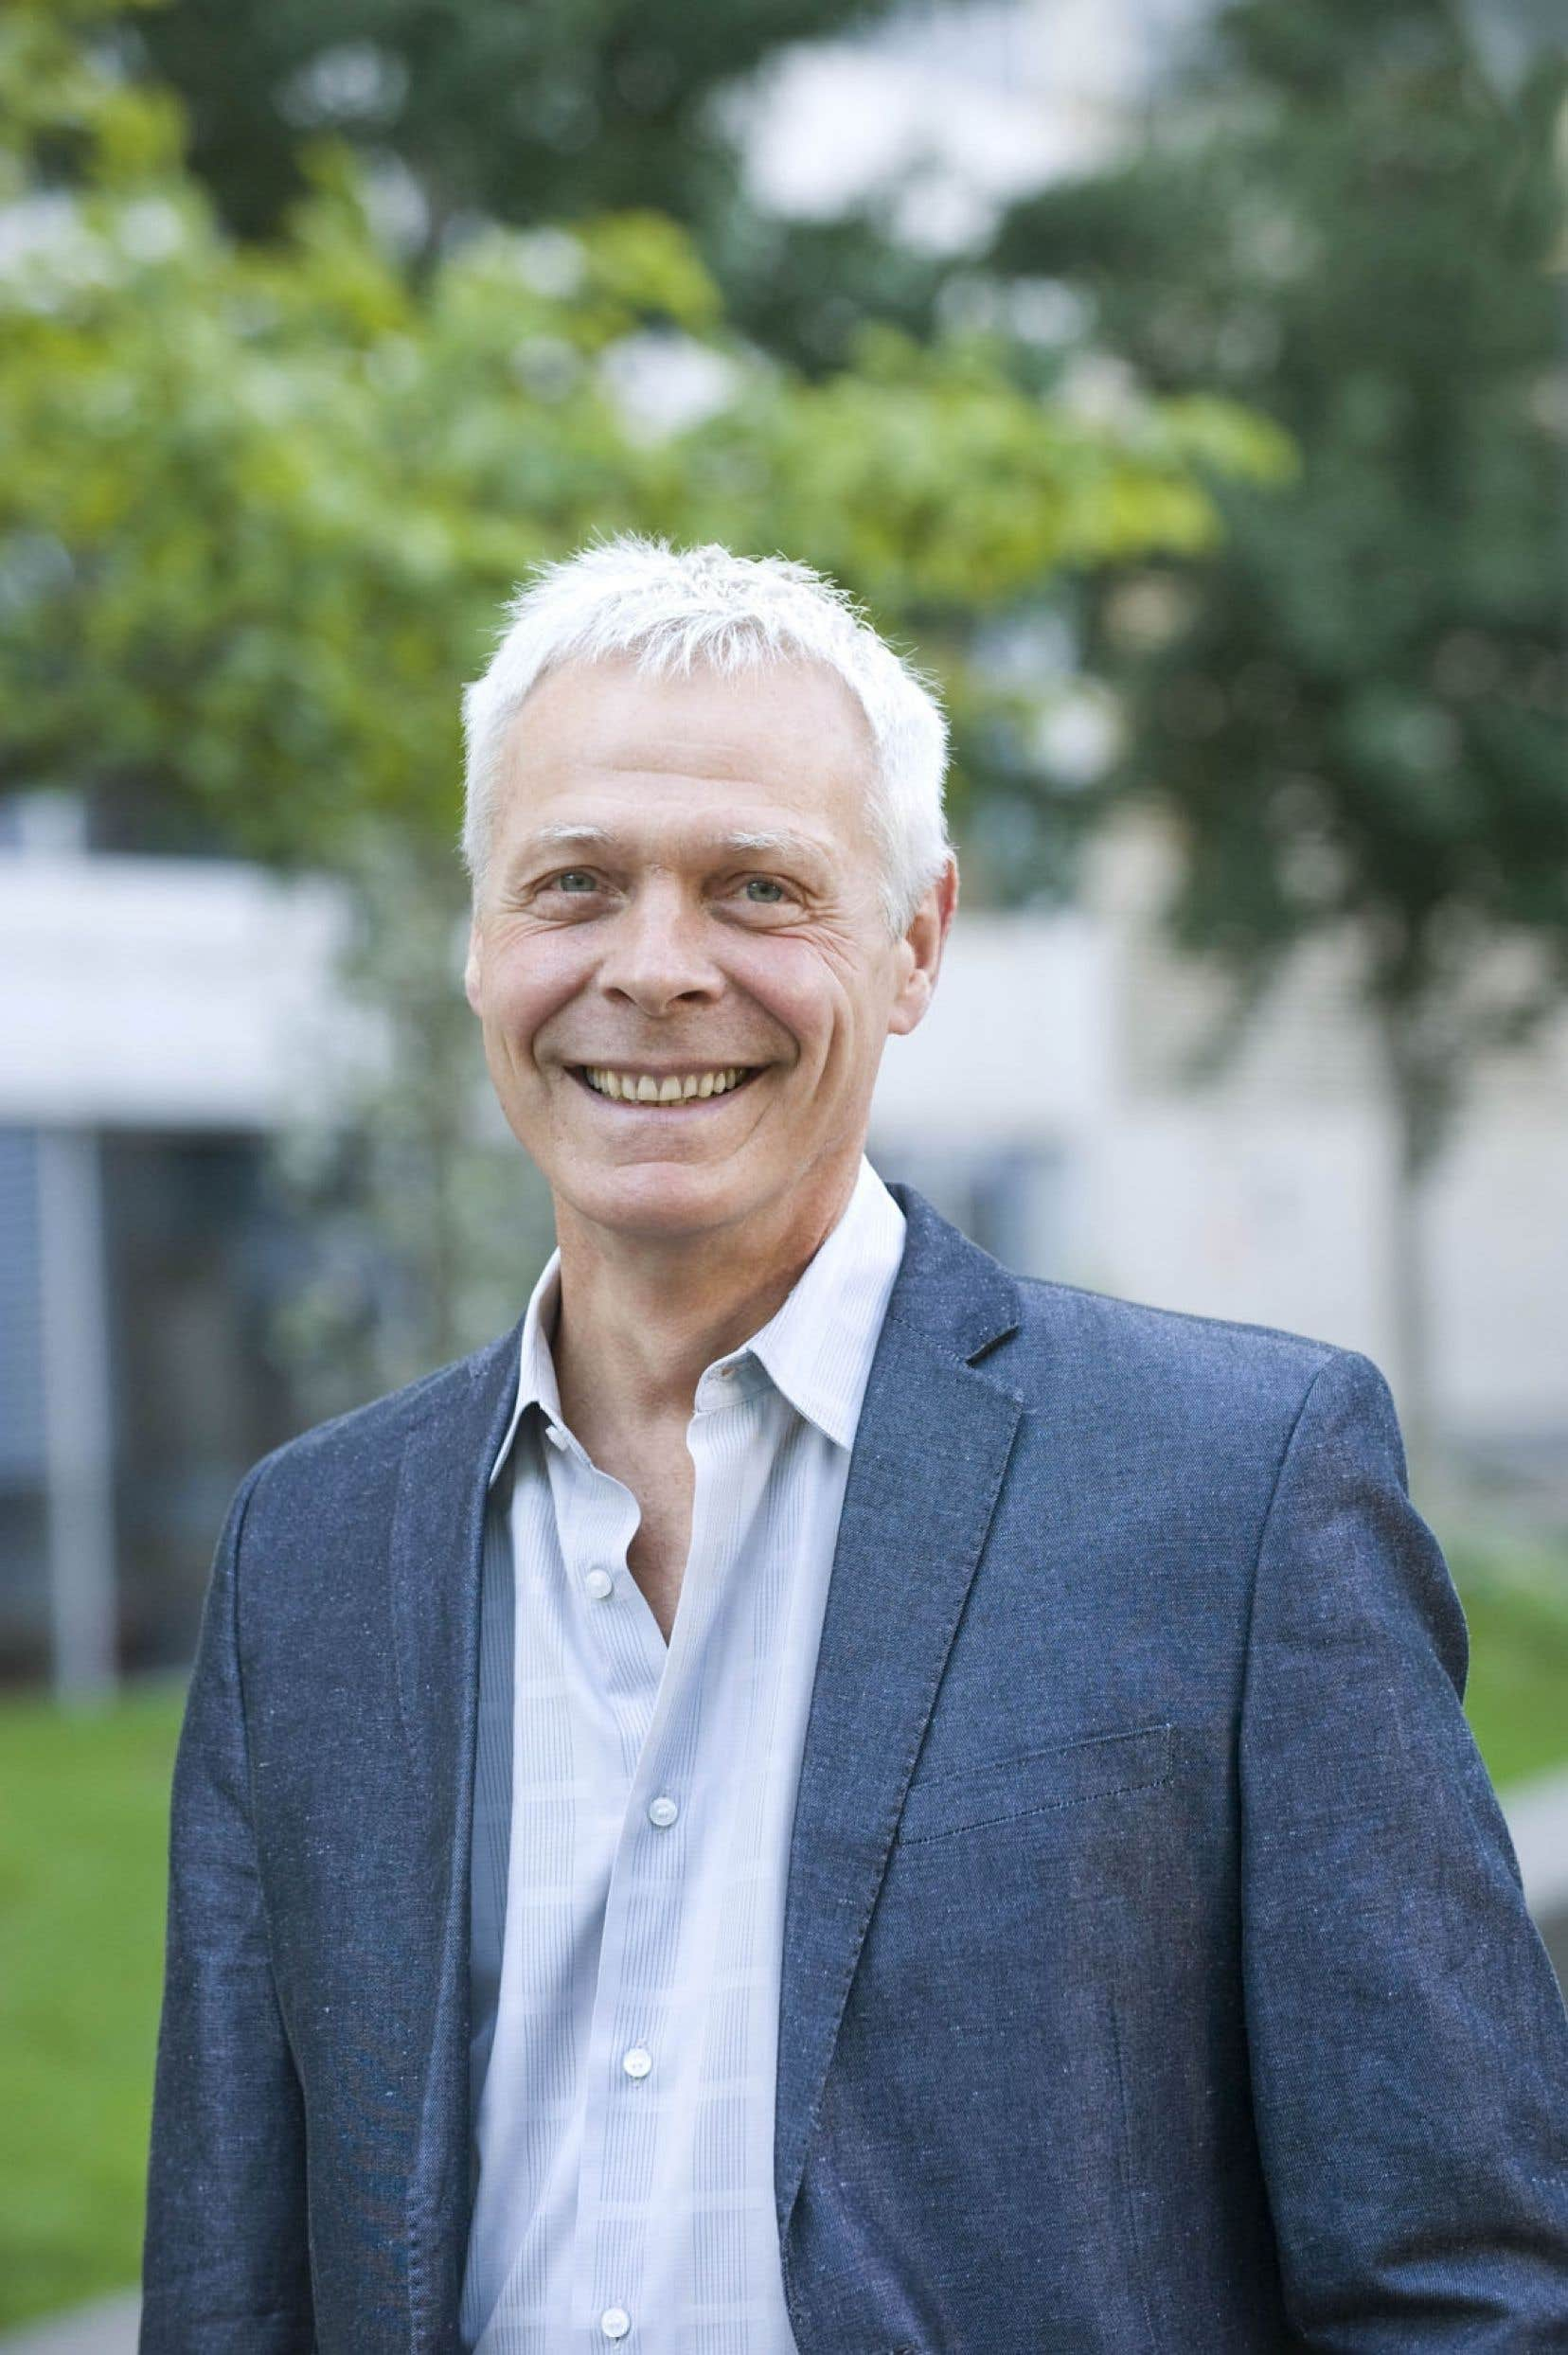 Le professeur Marc Lucotte souhaite que ses recherches, et celles des autres scientifiques, contribuent à limiter les dégâts des changements climatiques.